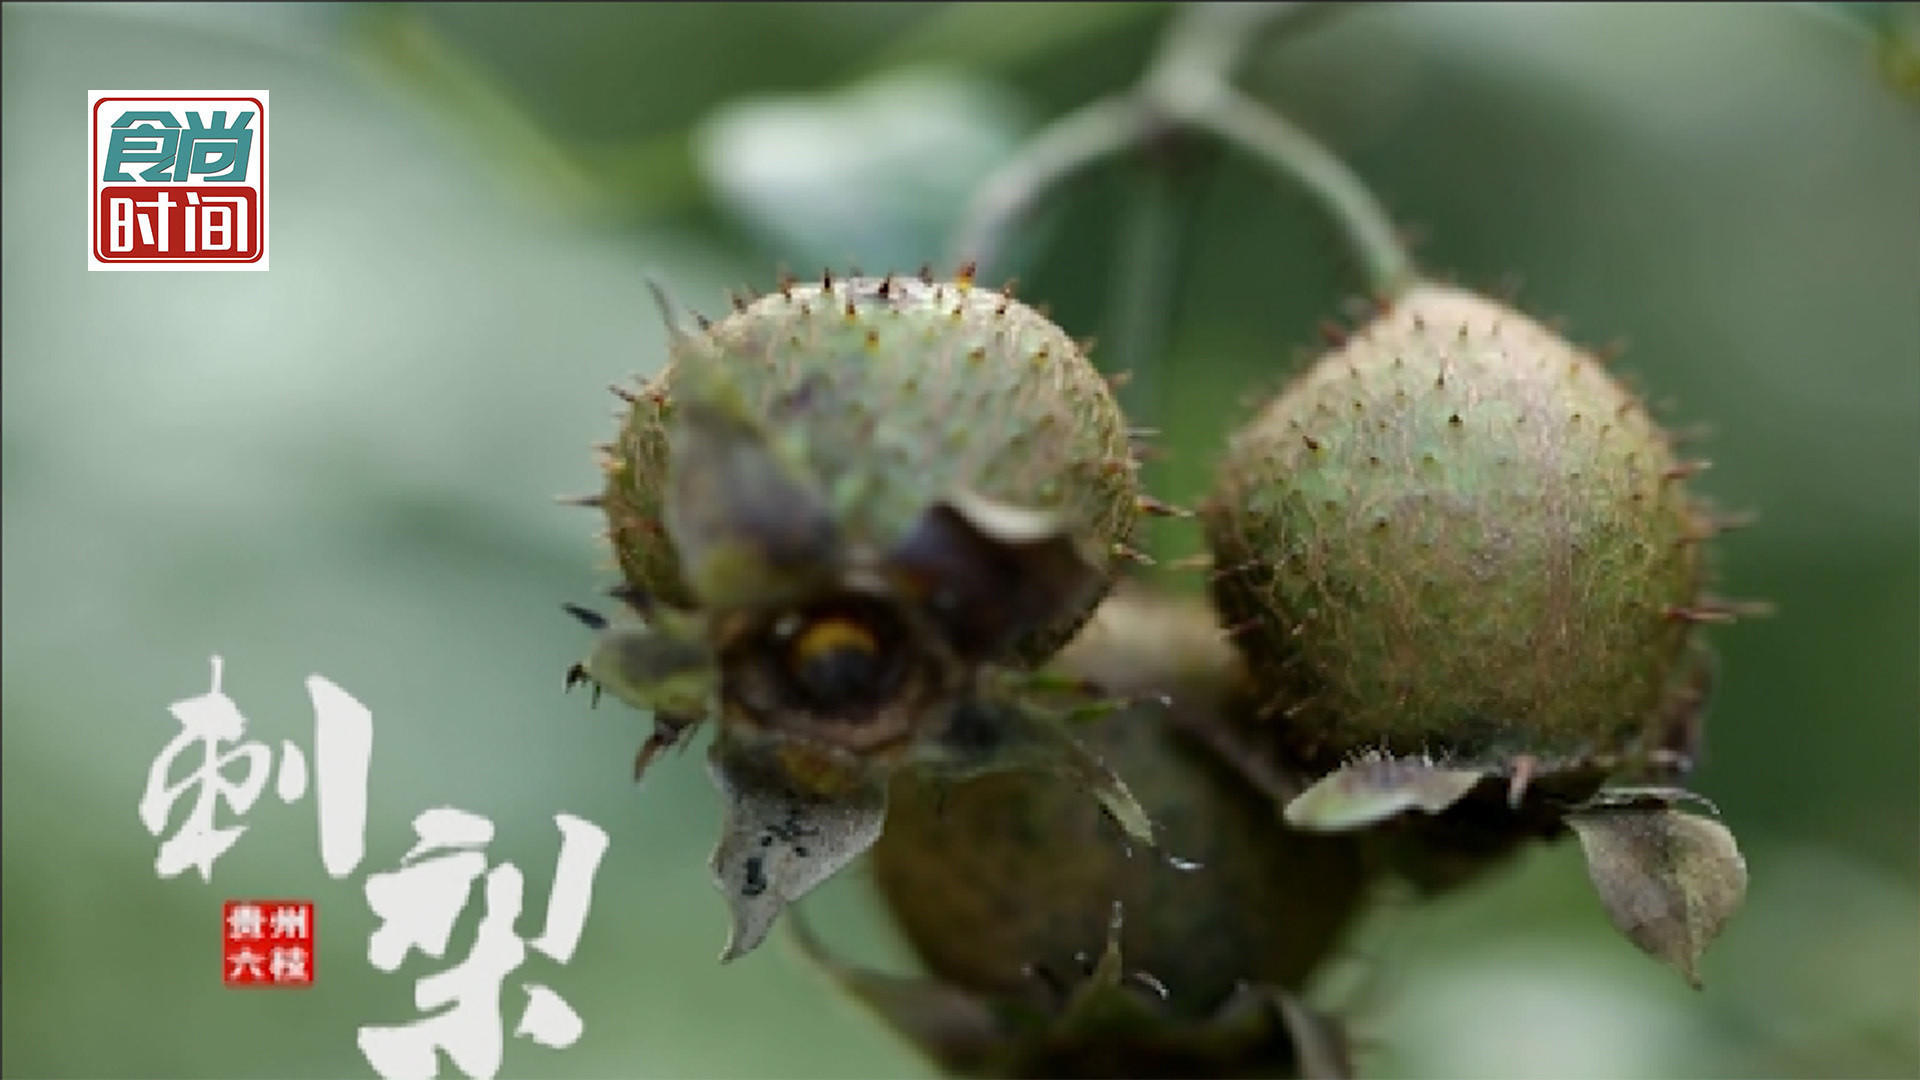 这种模样古怪的山中野果居然是维C之王?一起科普贵州特产 ——刺梨